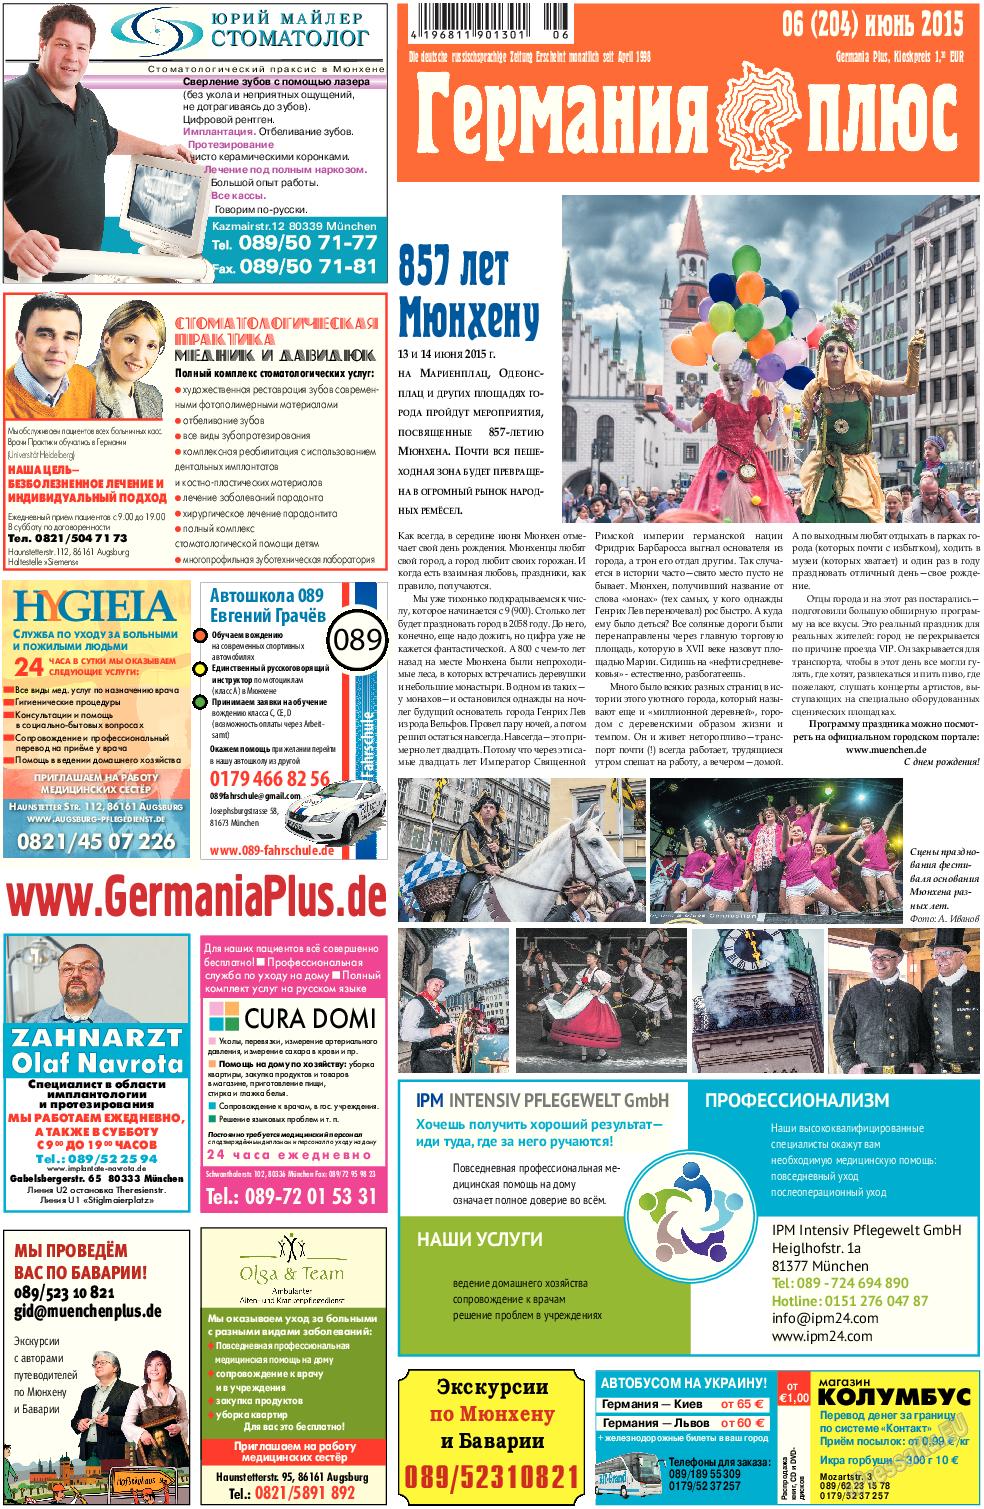 Германия плюс (газета). 2015 год, номер 6, стр. 1